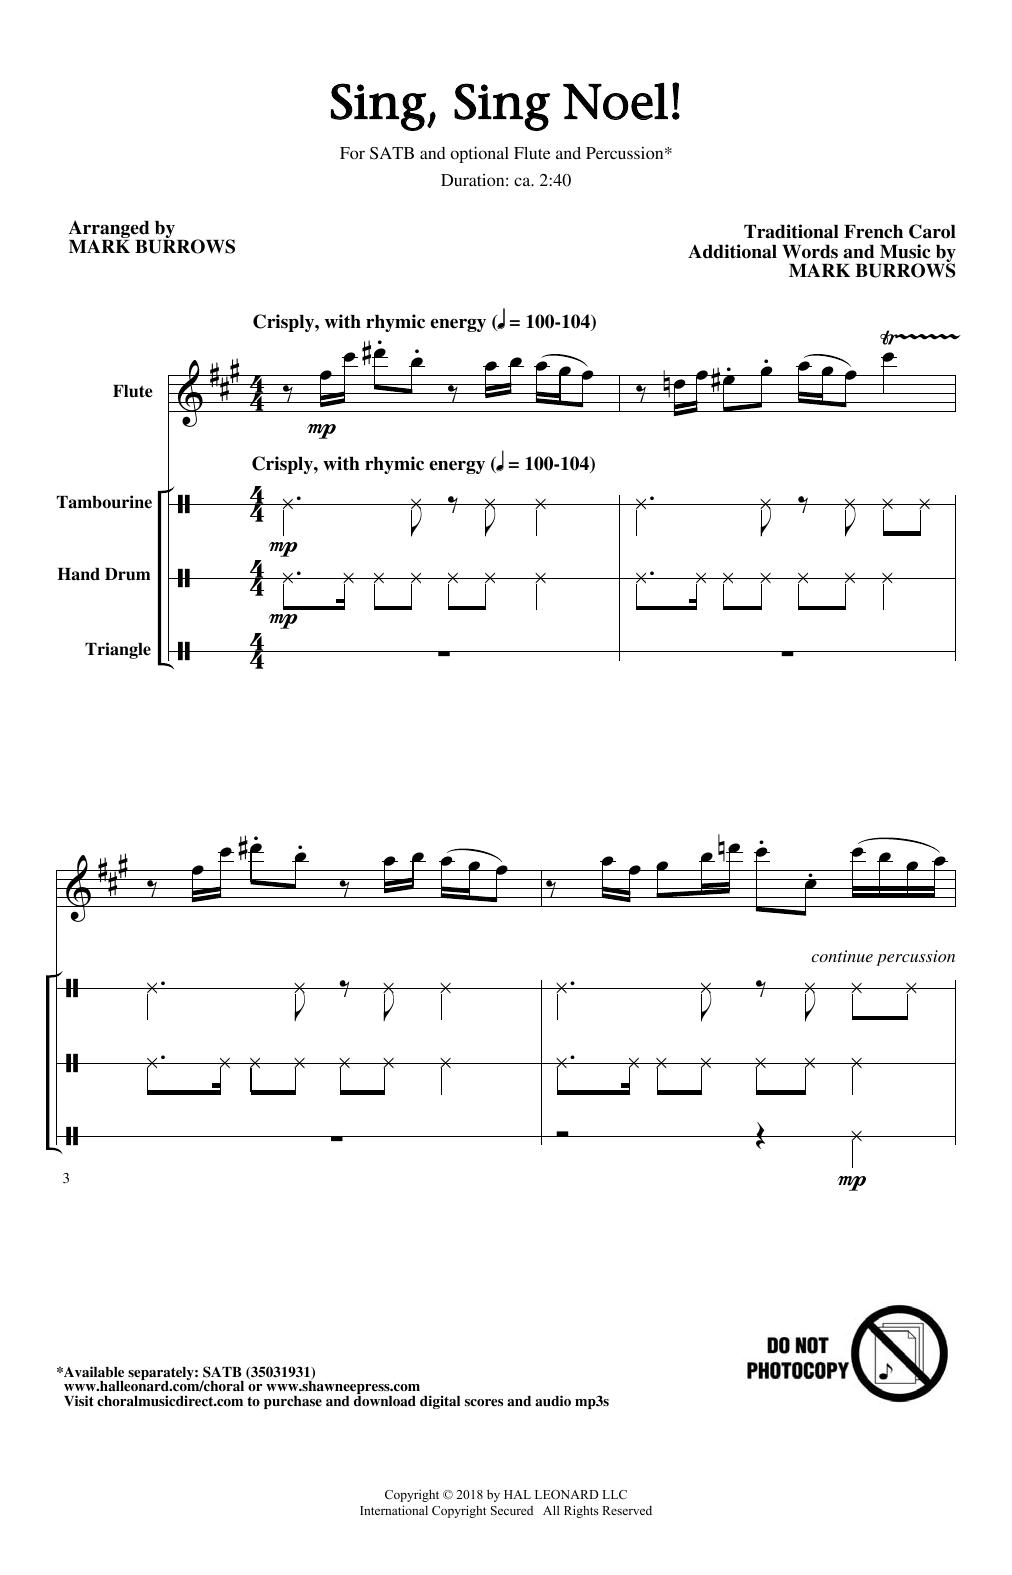 Sing, Sing Noel! Sheet Music